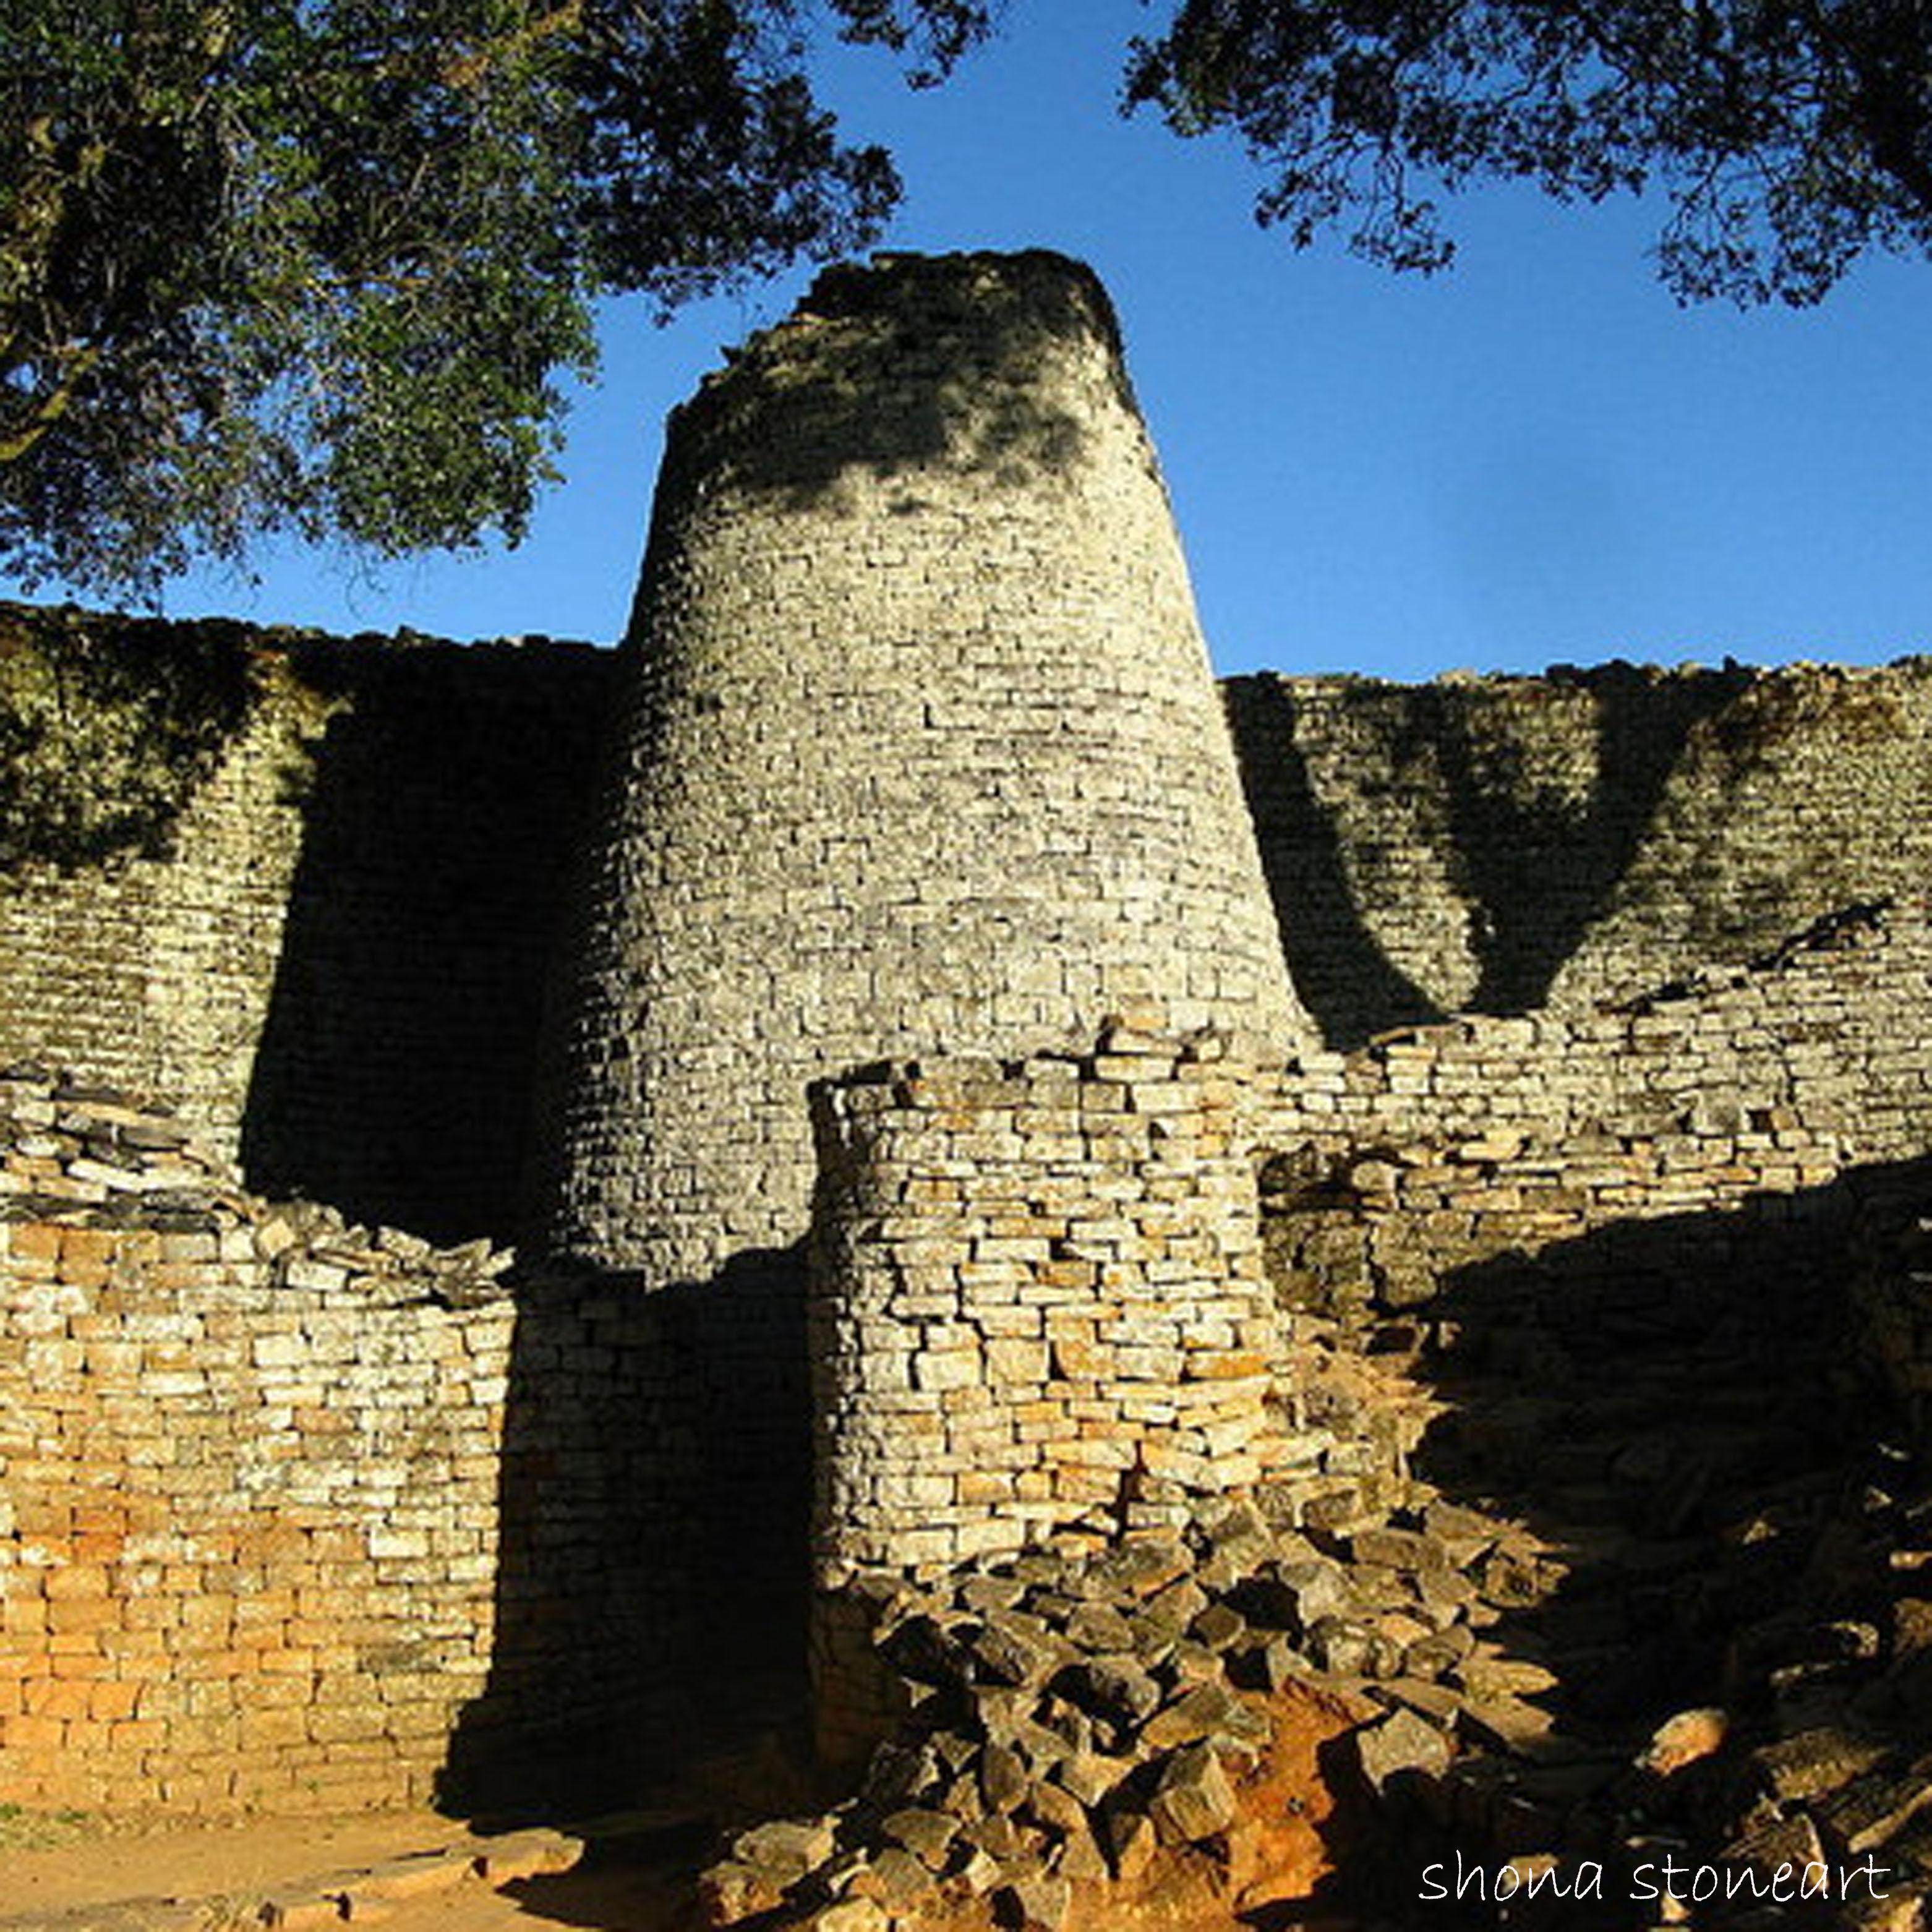 geschiedenis van de beeldhouwkunst in zimbabwe_1.jpg